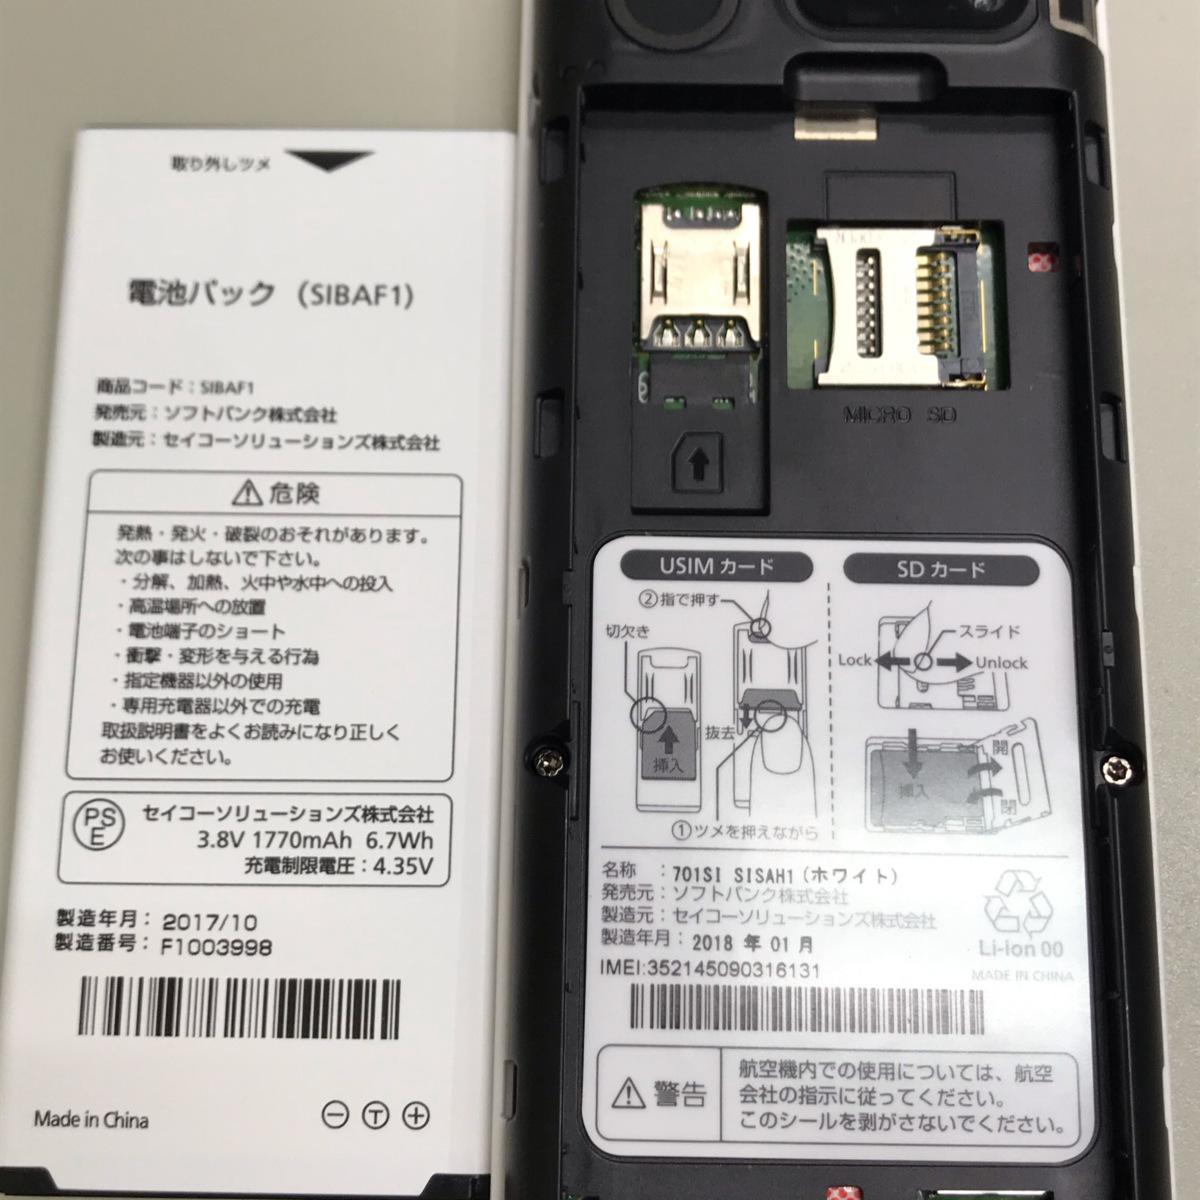 【送料無料/中古良品】SoftBank Simply B 701SI ホワイト ROM:8GB RAM:1GB セイコー SEIKO SIMロック解除済 〇判定_画像7